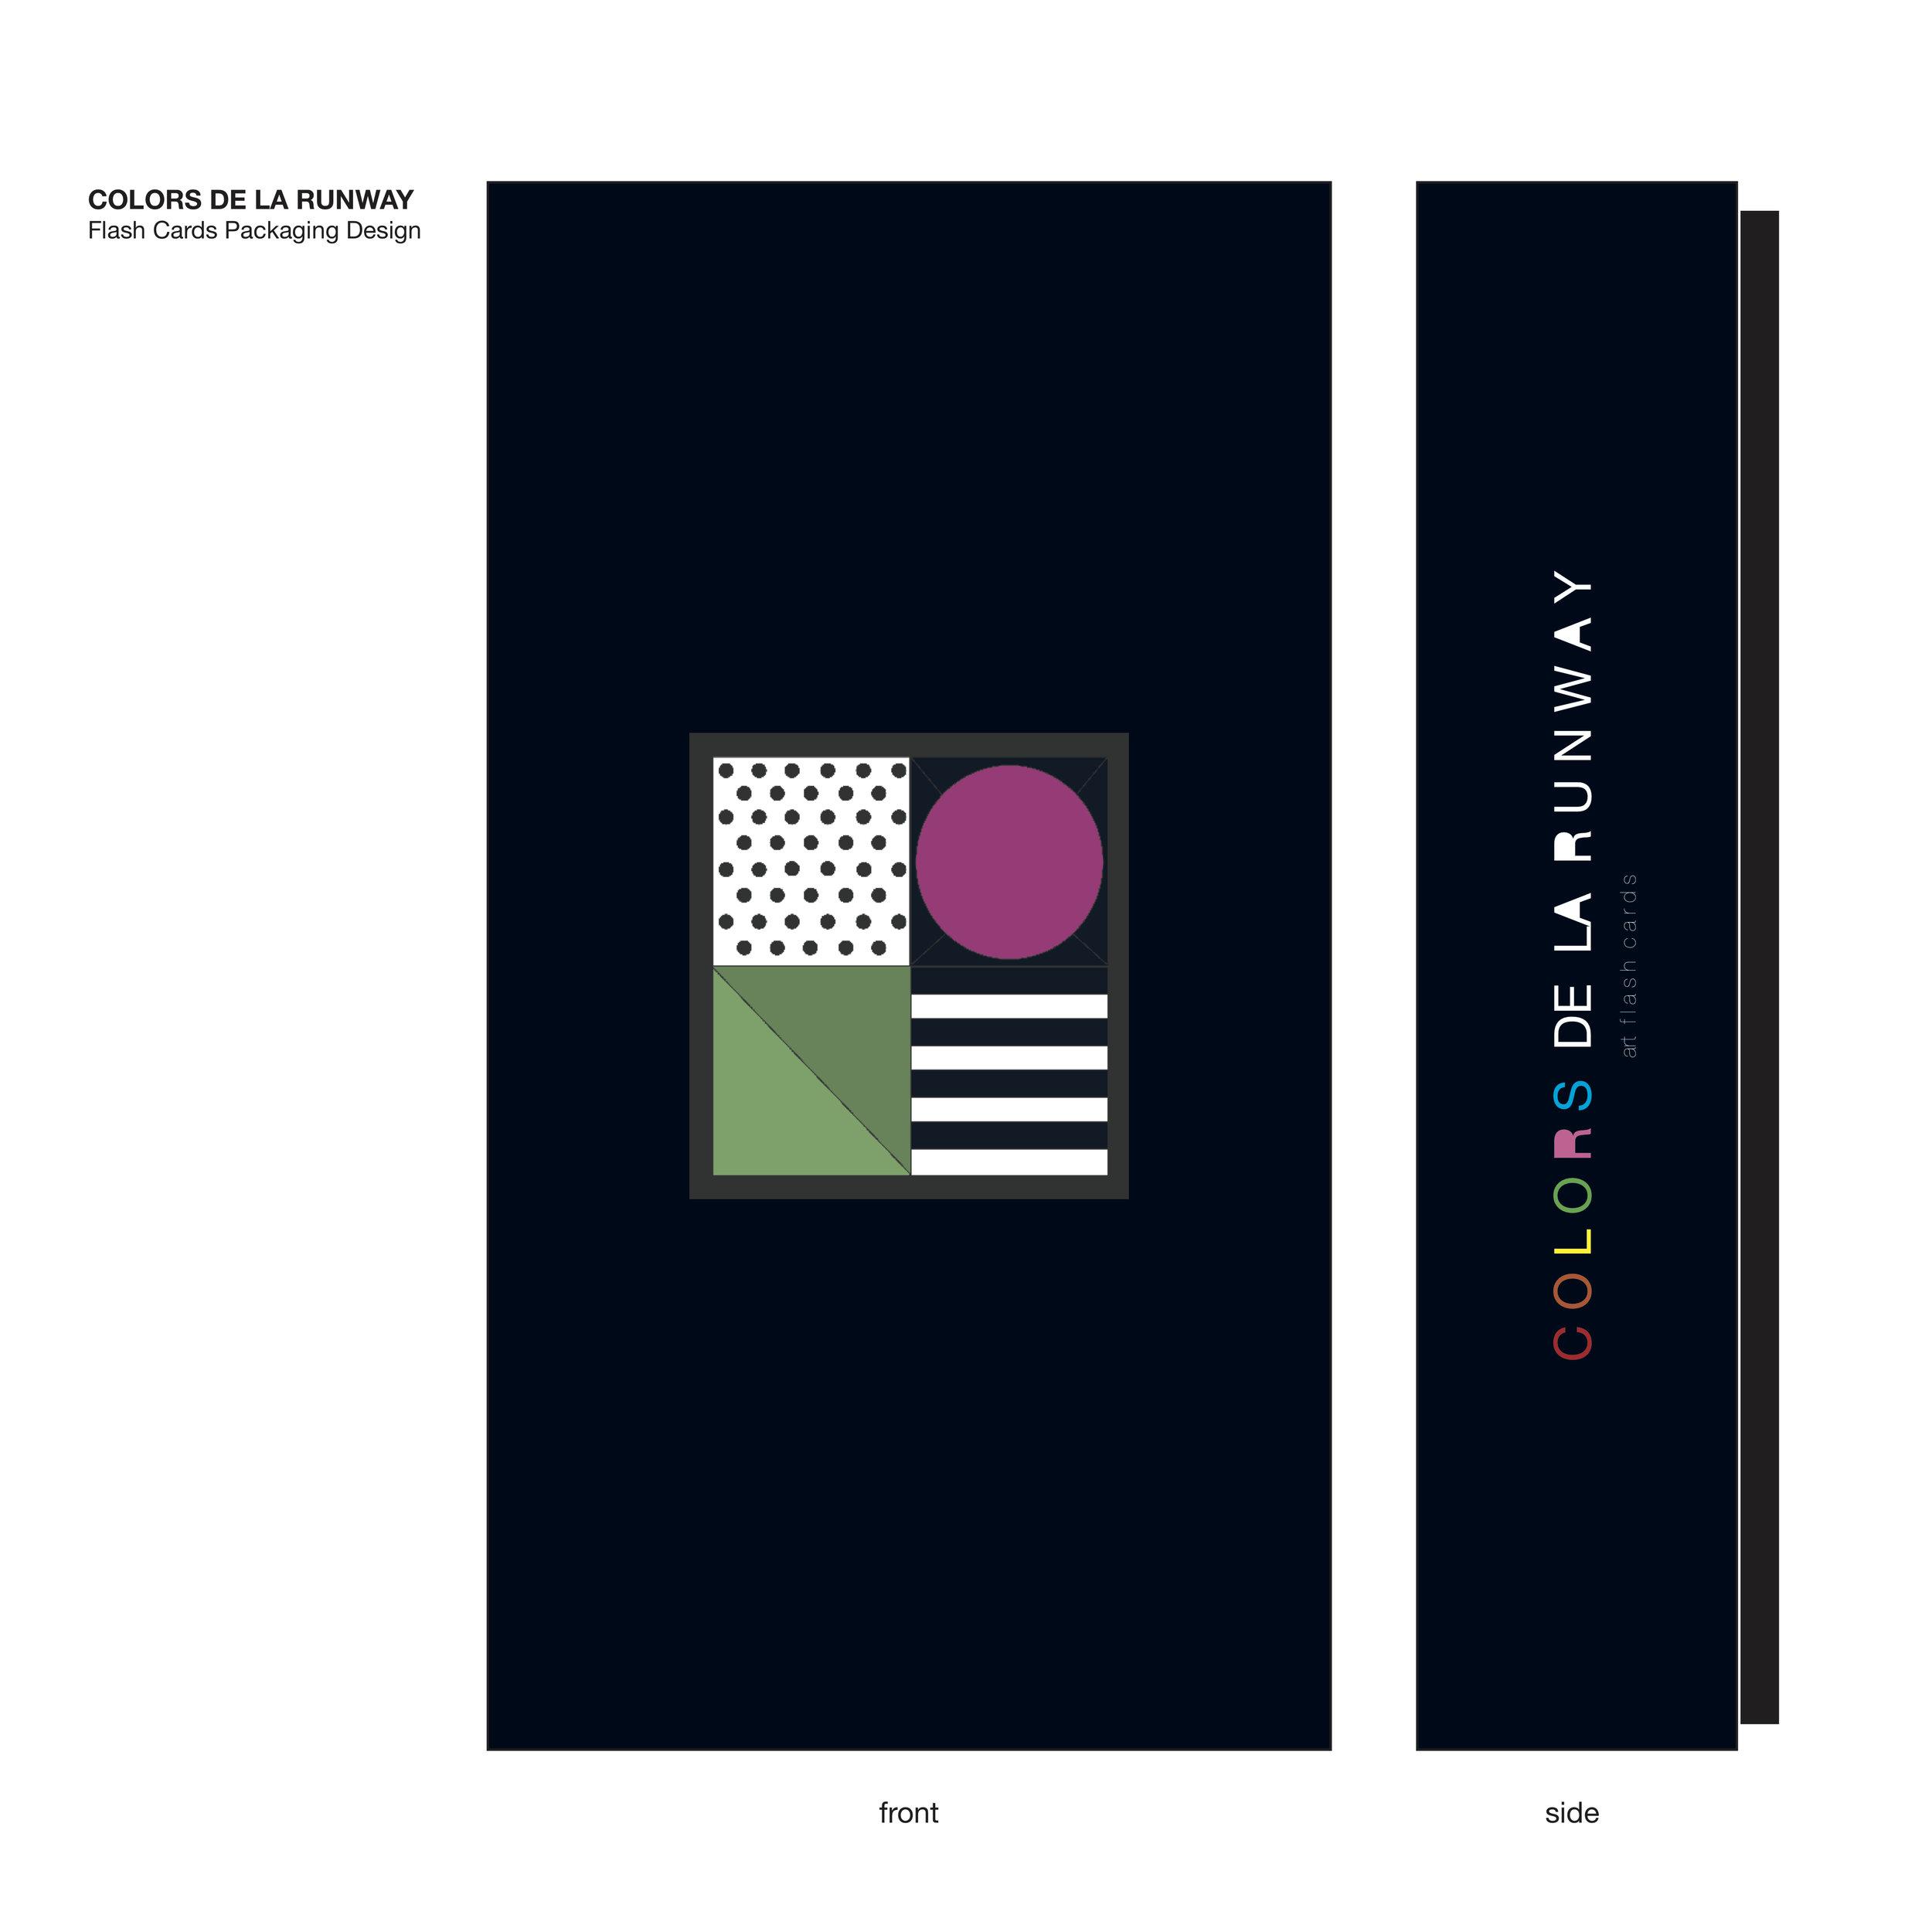 Colors De La Runway| Flash Cards Packaging.jpg